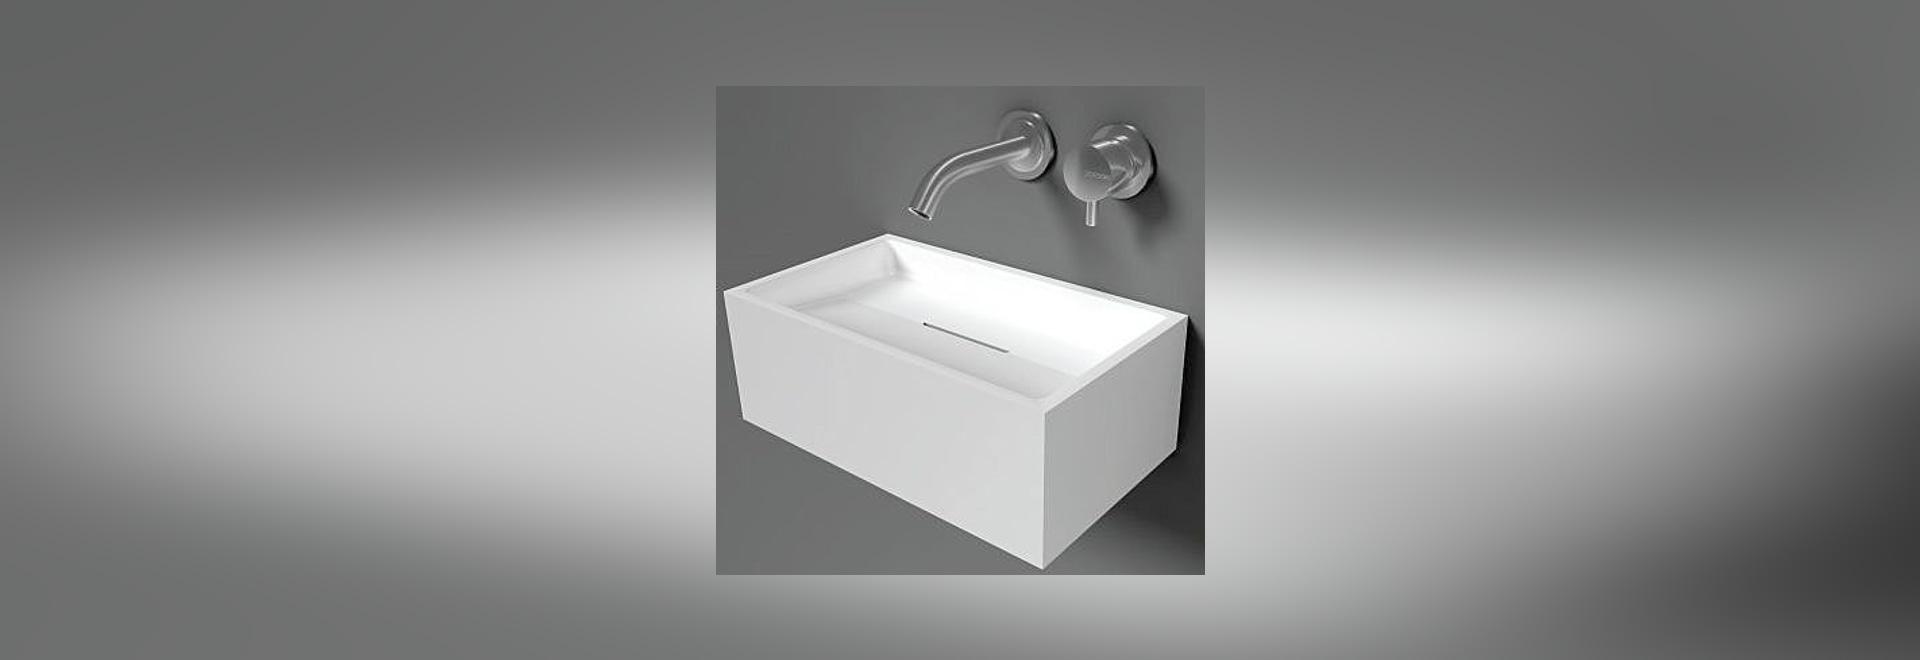 COCOON Hidden90 Bathroom cabinet